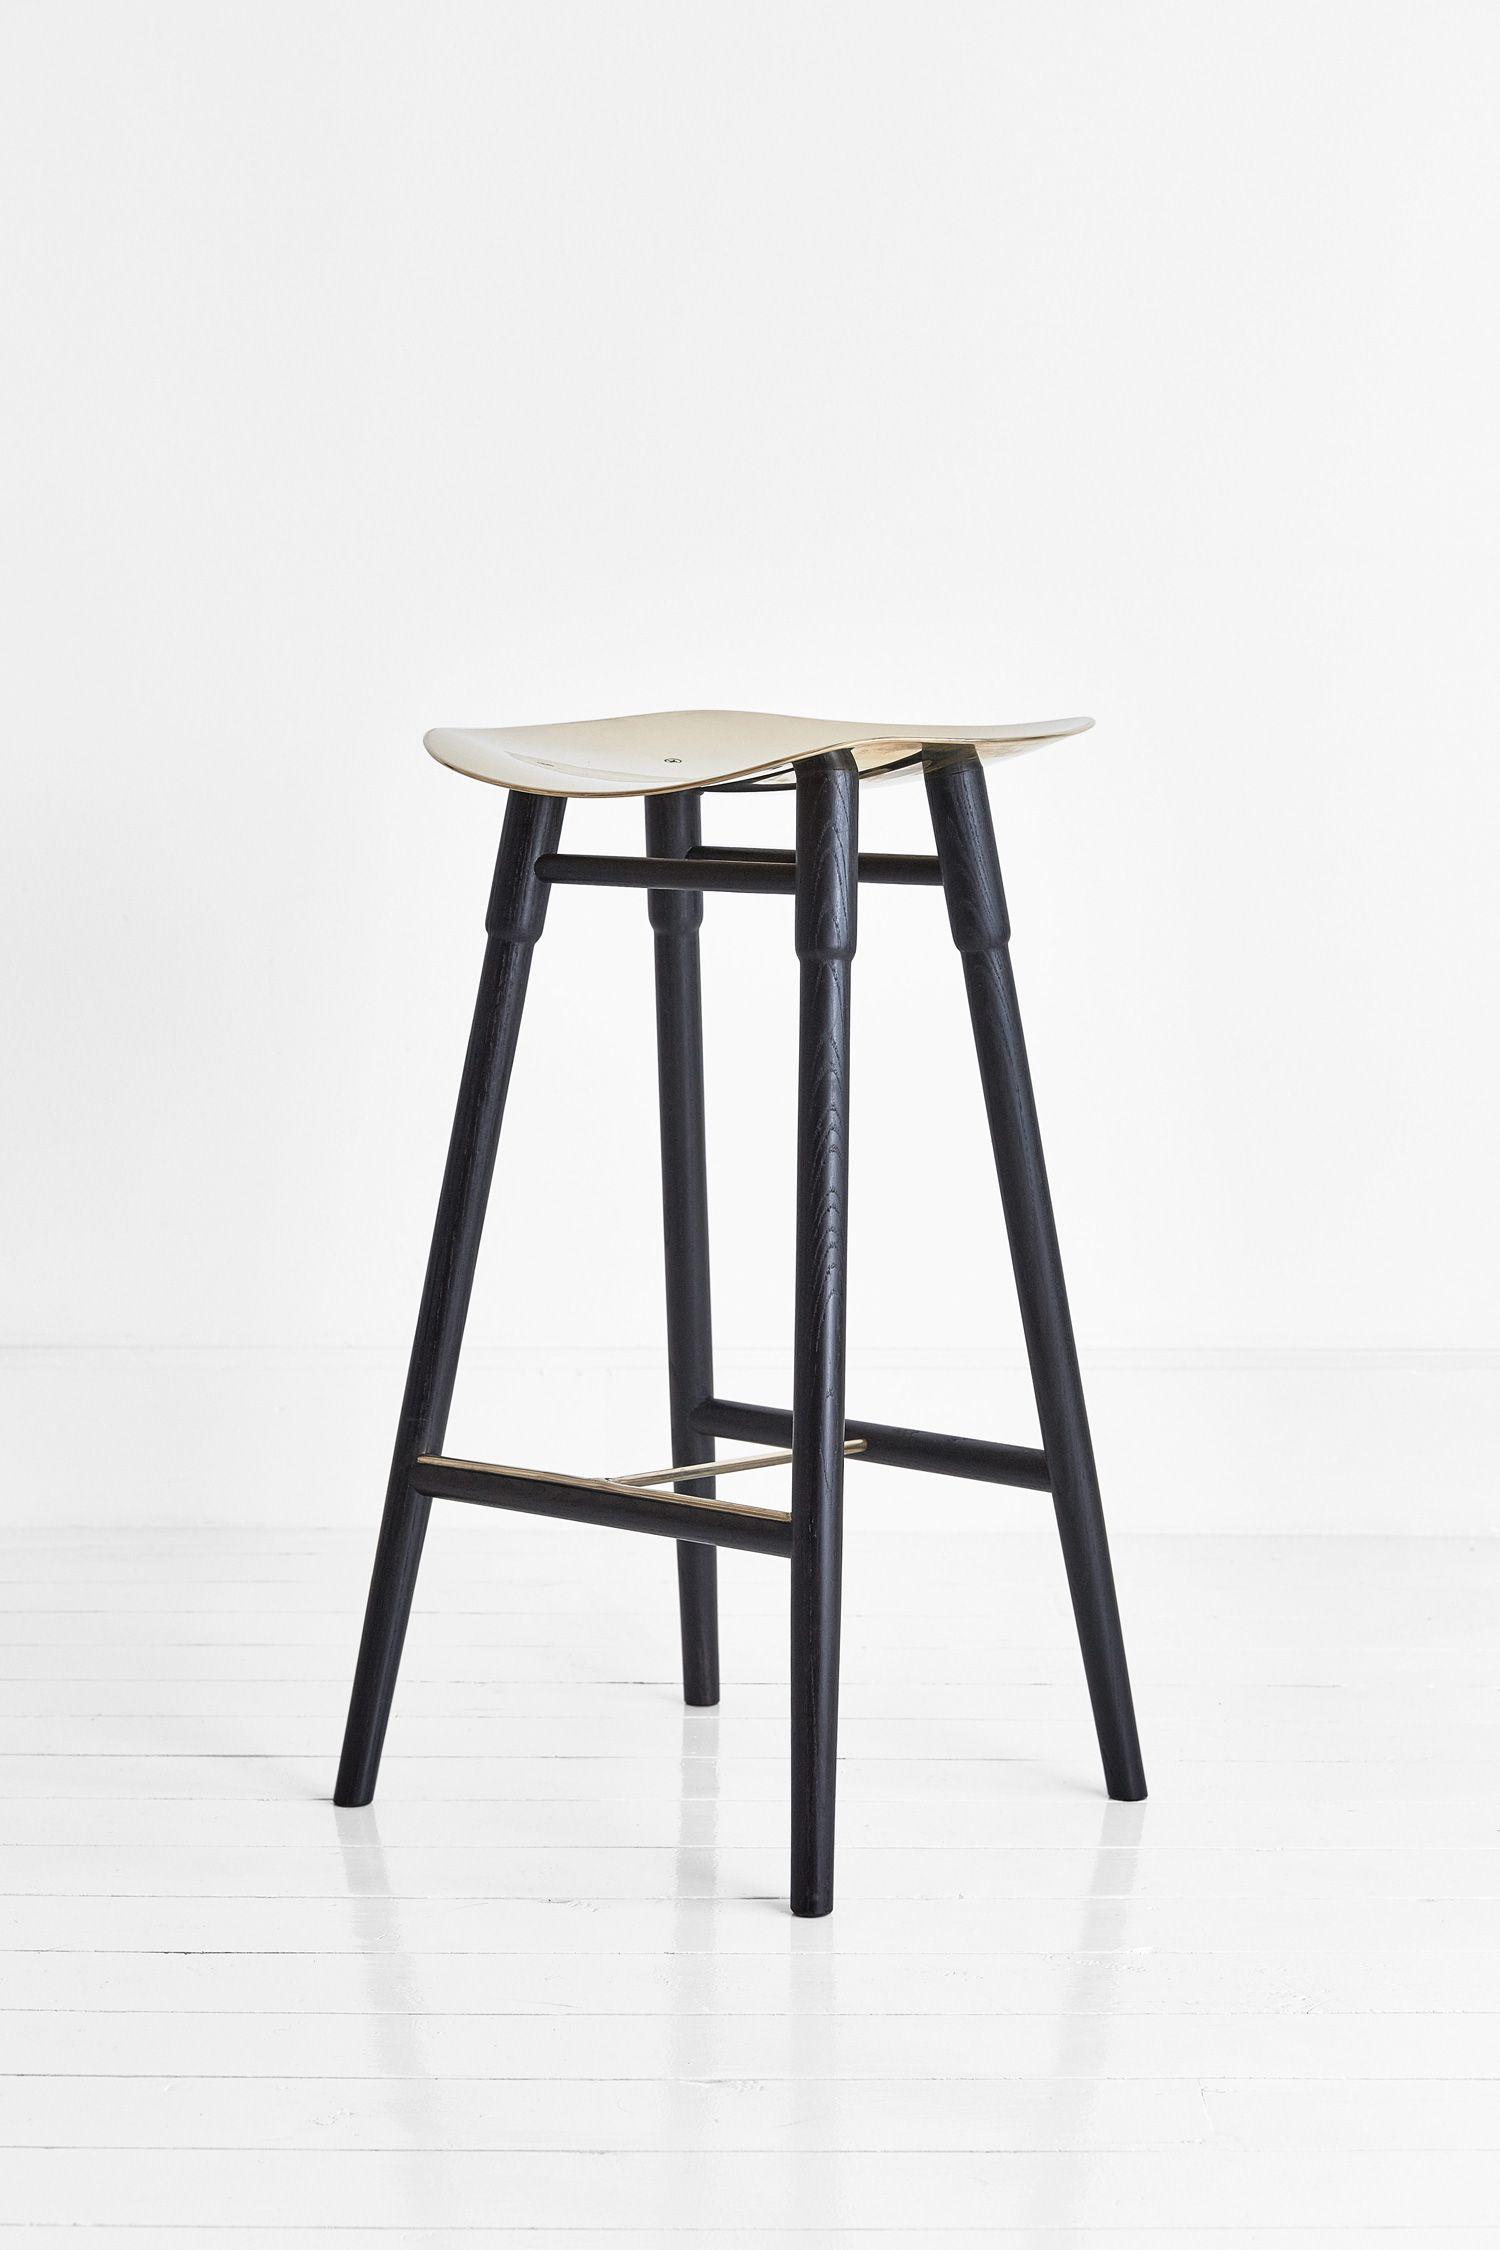 Dowel Stool By Mr Frag At Stockholm Furniture Fair